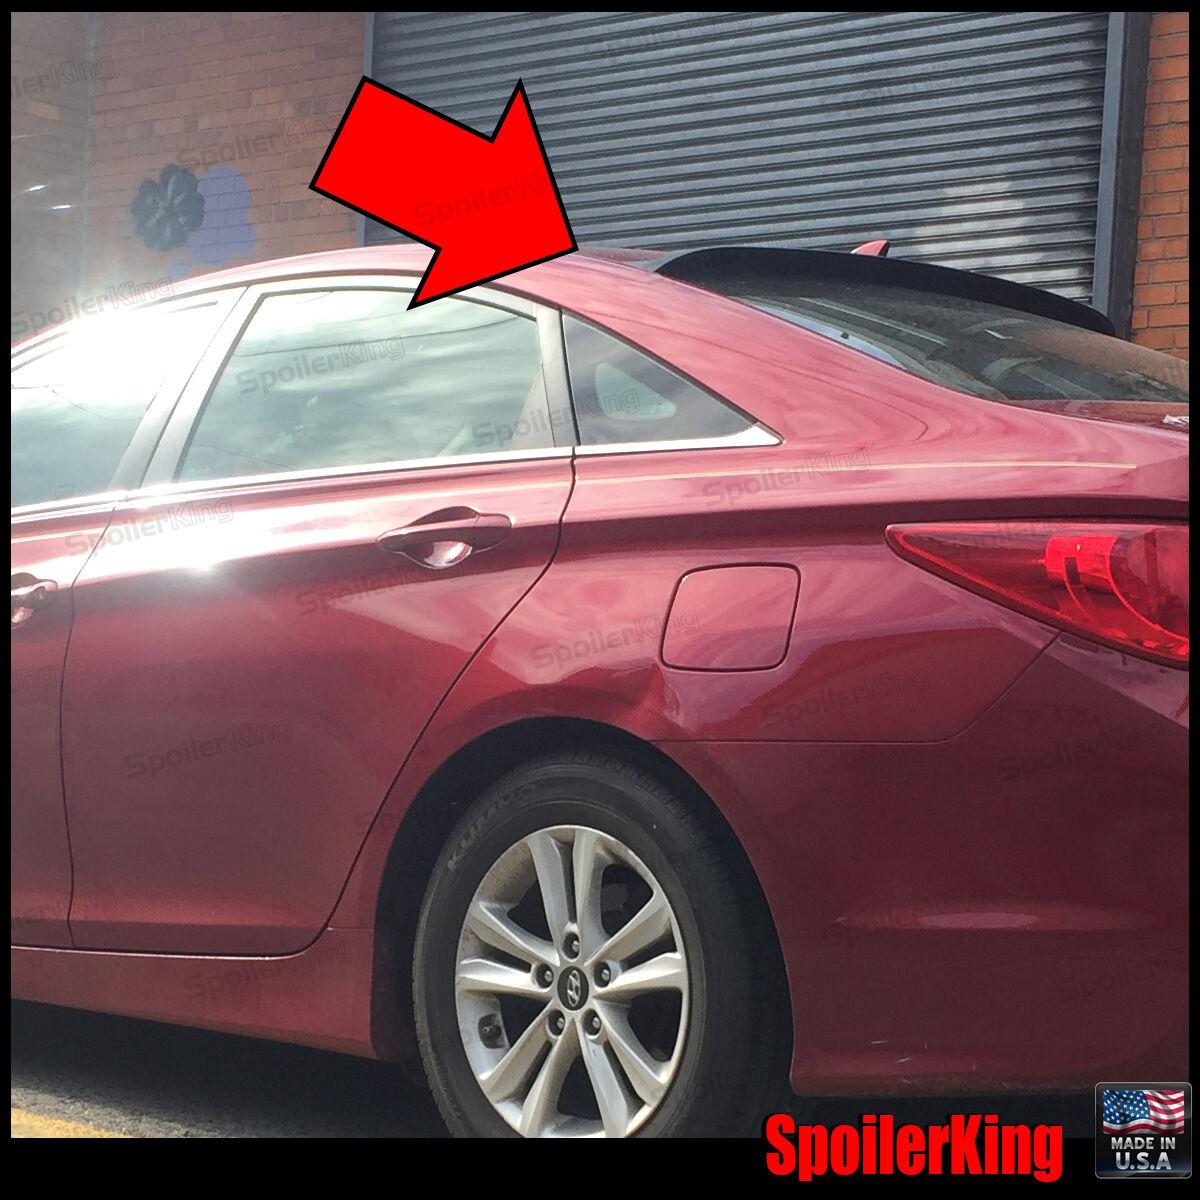 SpoilerKing #380R Rear Window Roof Spoiler Fits: Hyundai Sonata 2011-14